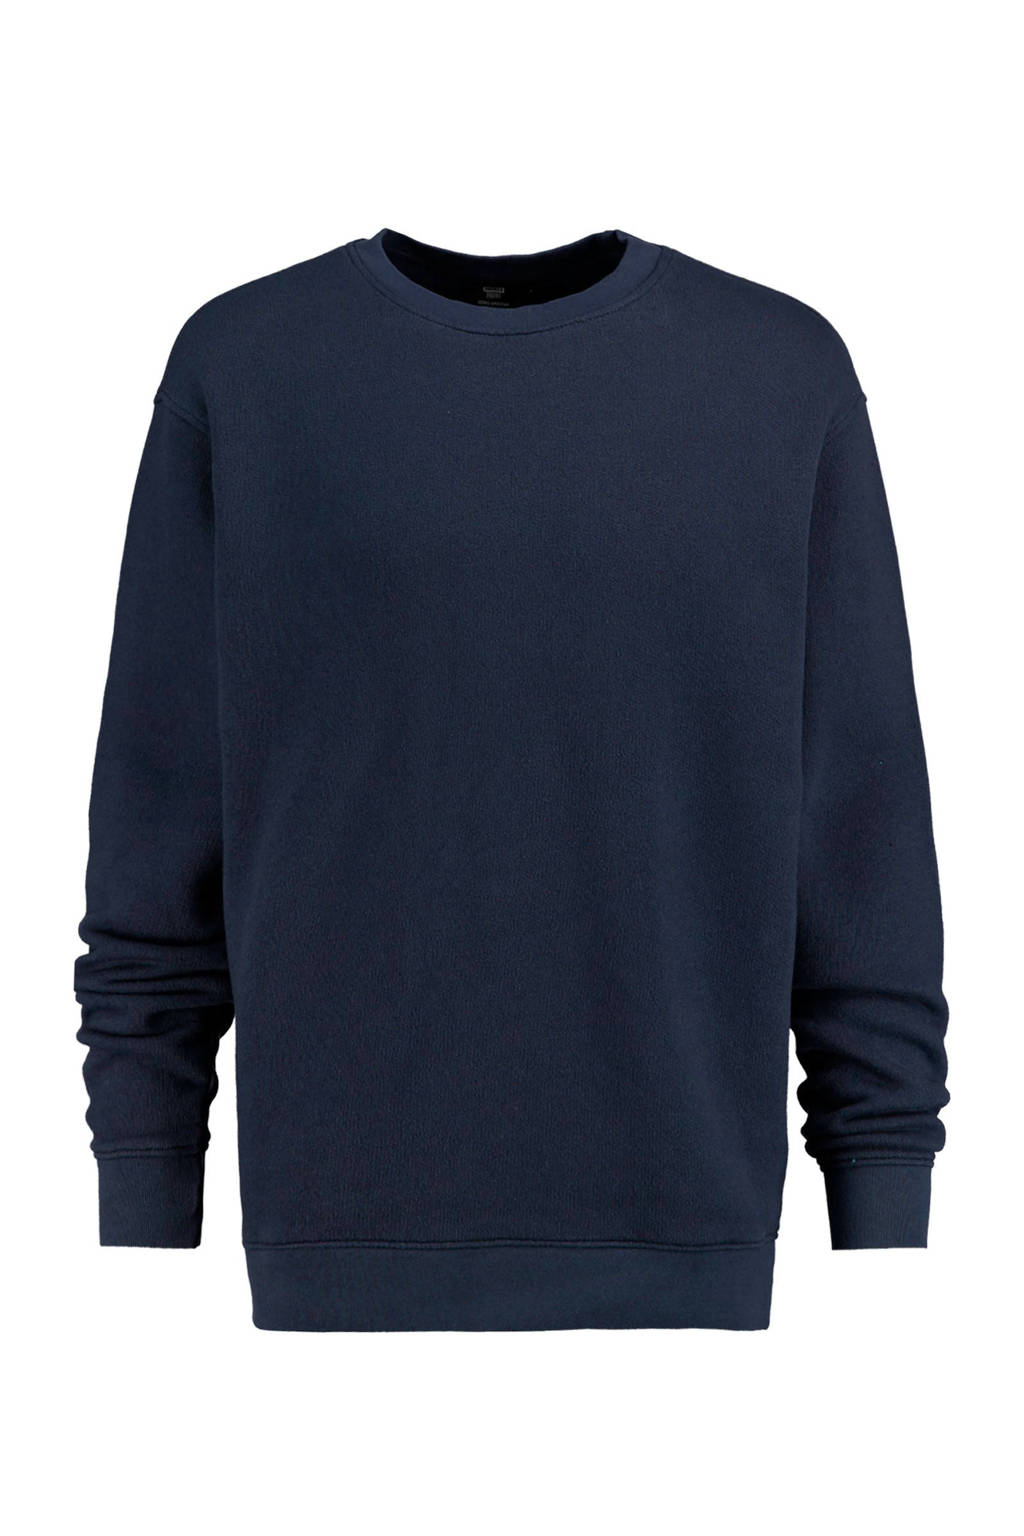 America Today sweater Stanley marine, Marine